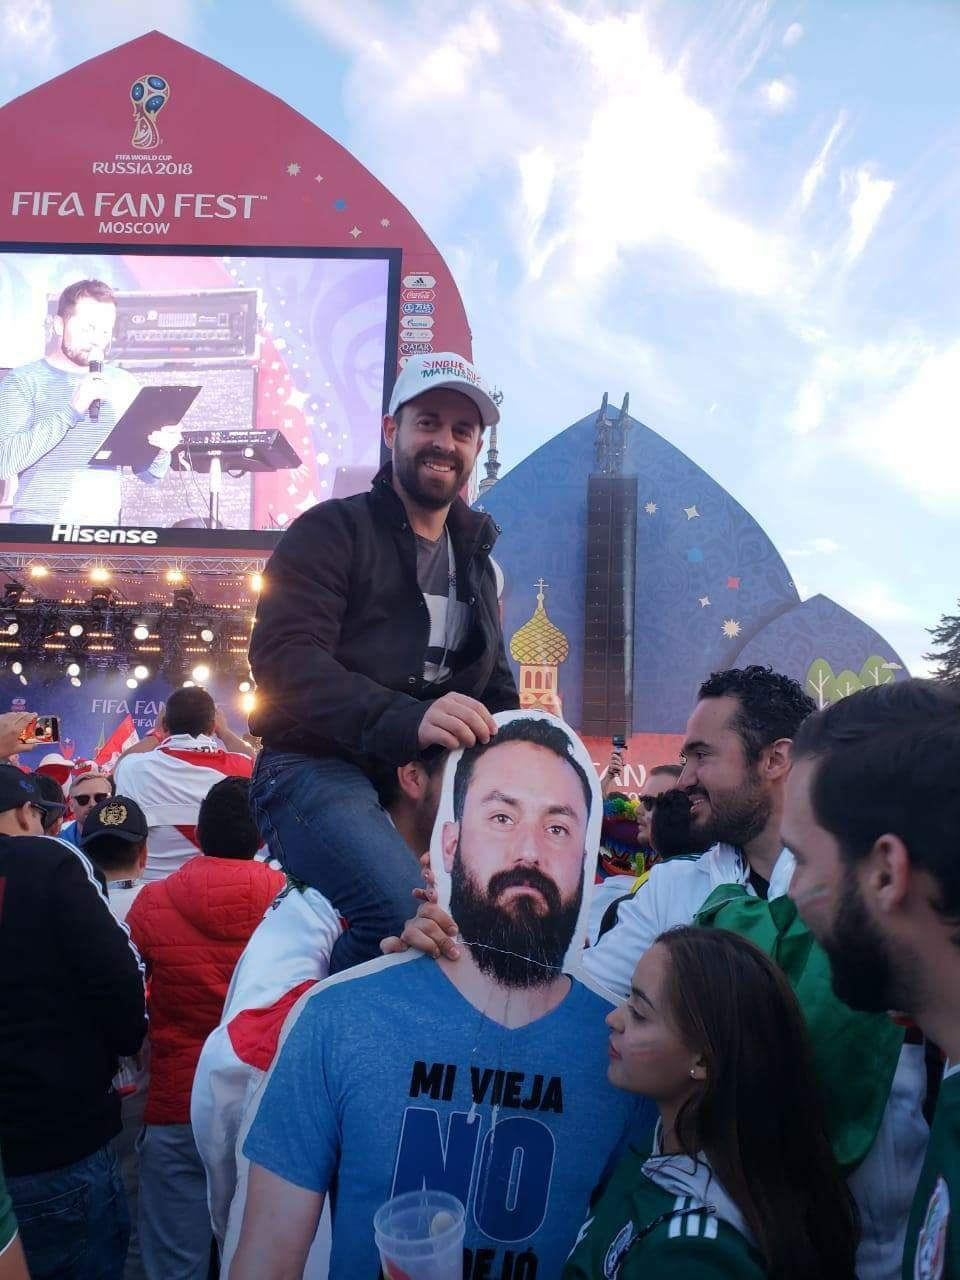 Mexicaan mag van vrouw niet naar WK vriendengroep verzint iets briljants 04